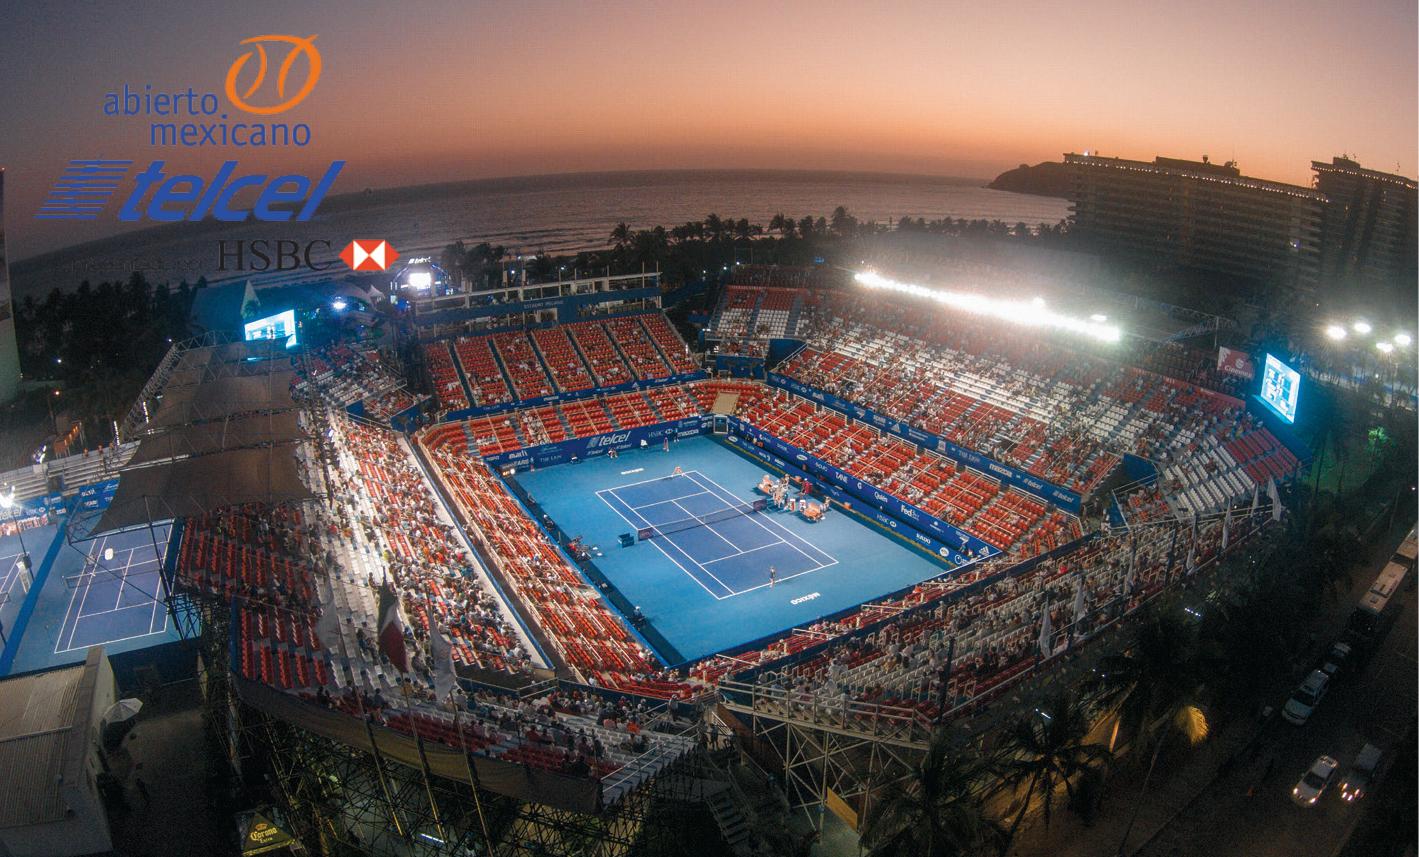 Ferrer, ¡Brillante!; Sharapova, ¡Impotente!